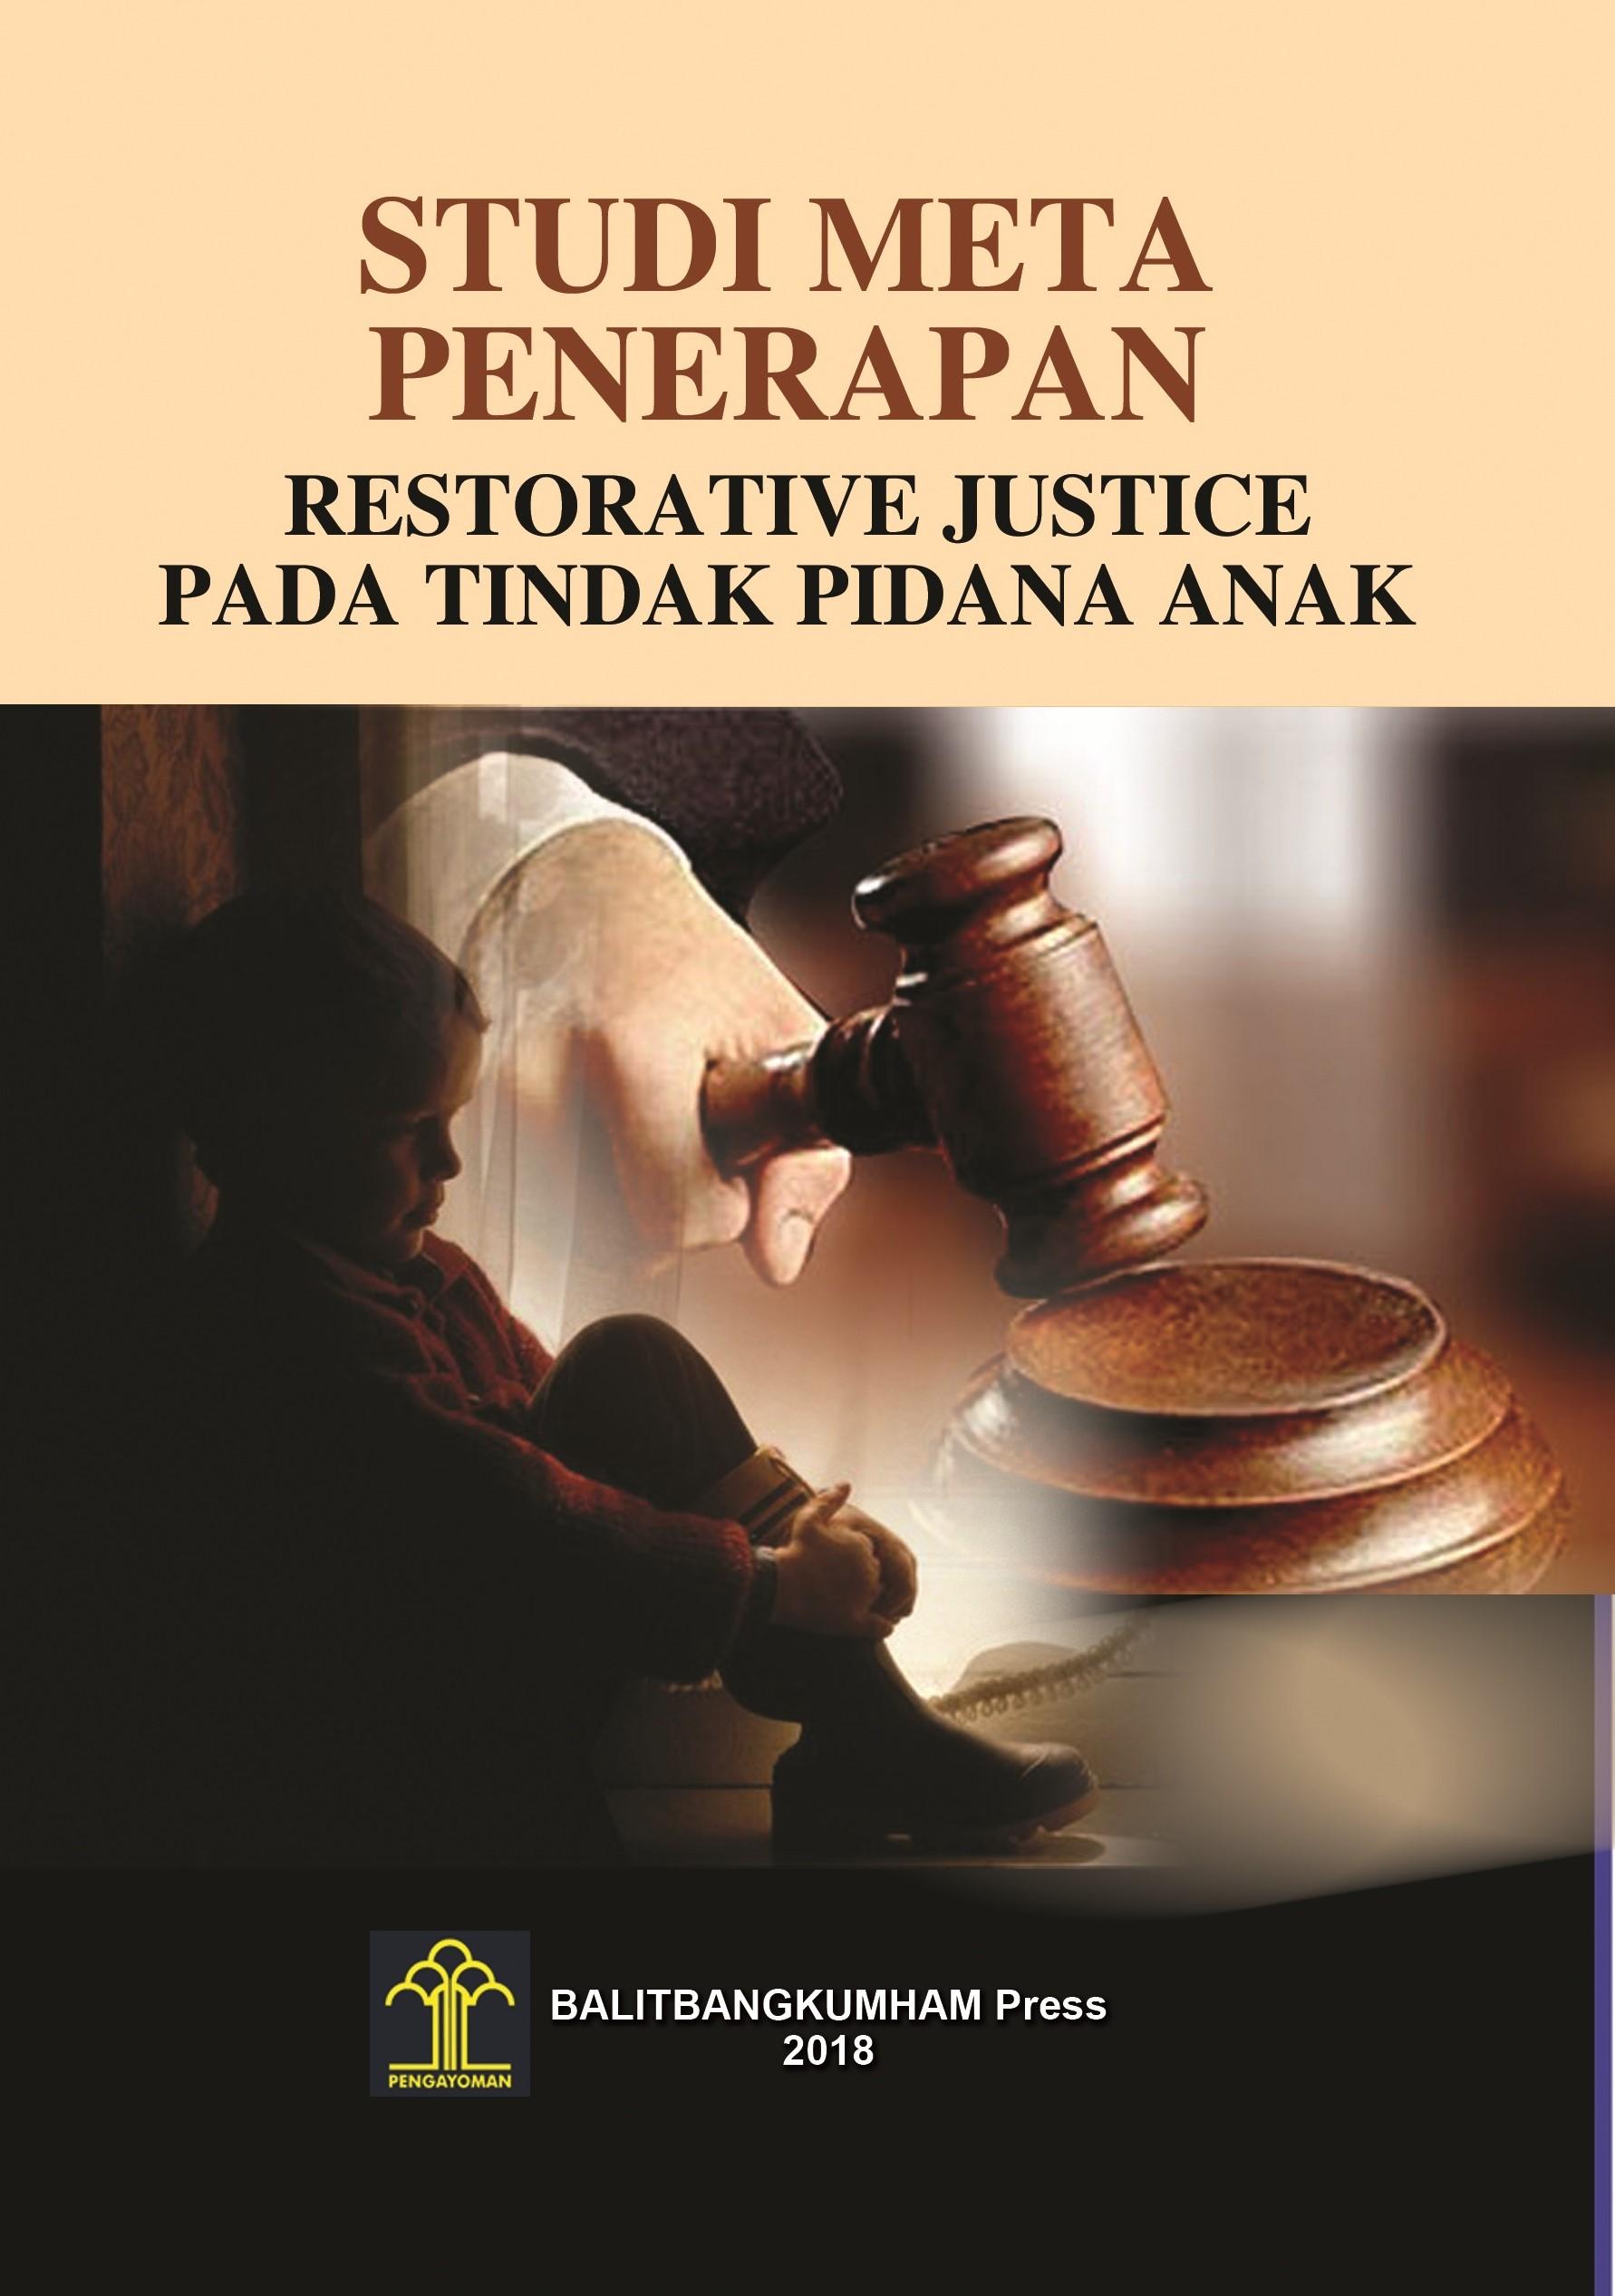 Studi Meta Penerapan Restorative Justice pada Tindak Pidana Anak